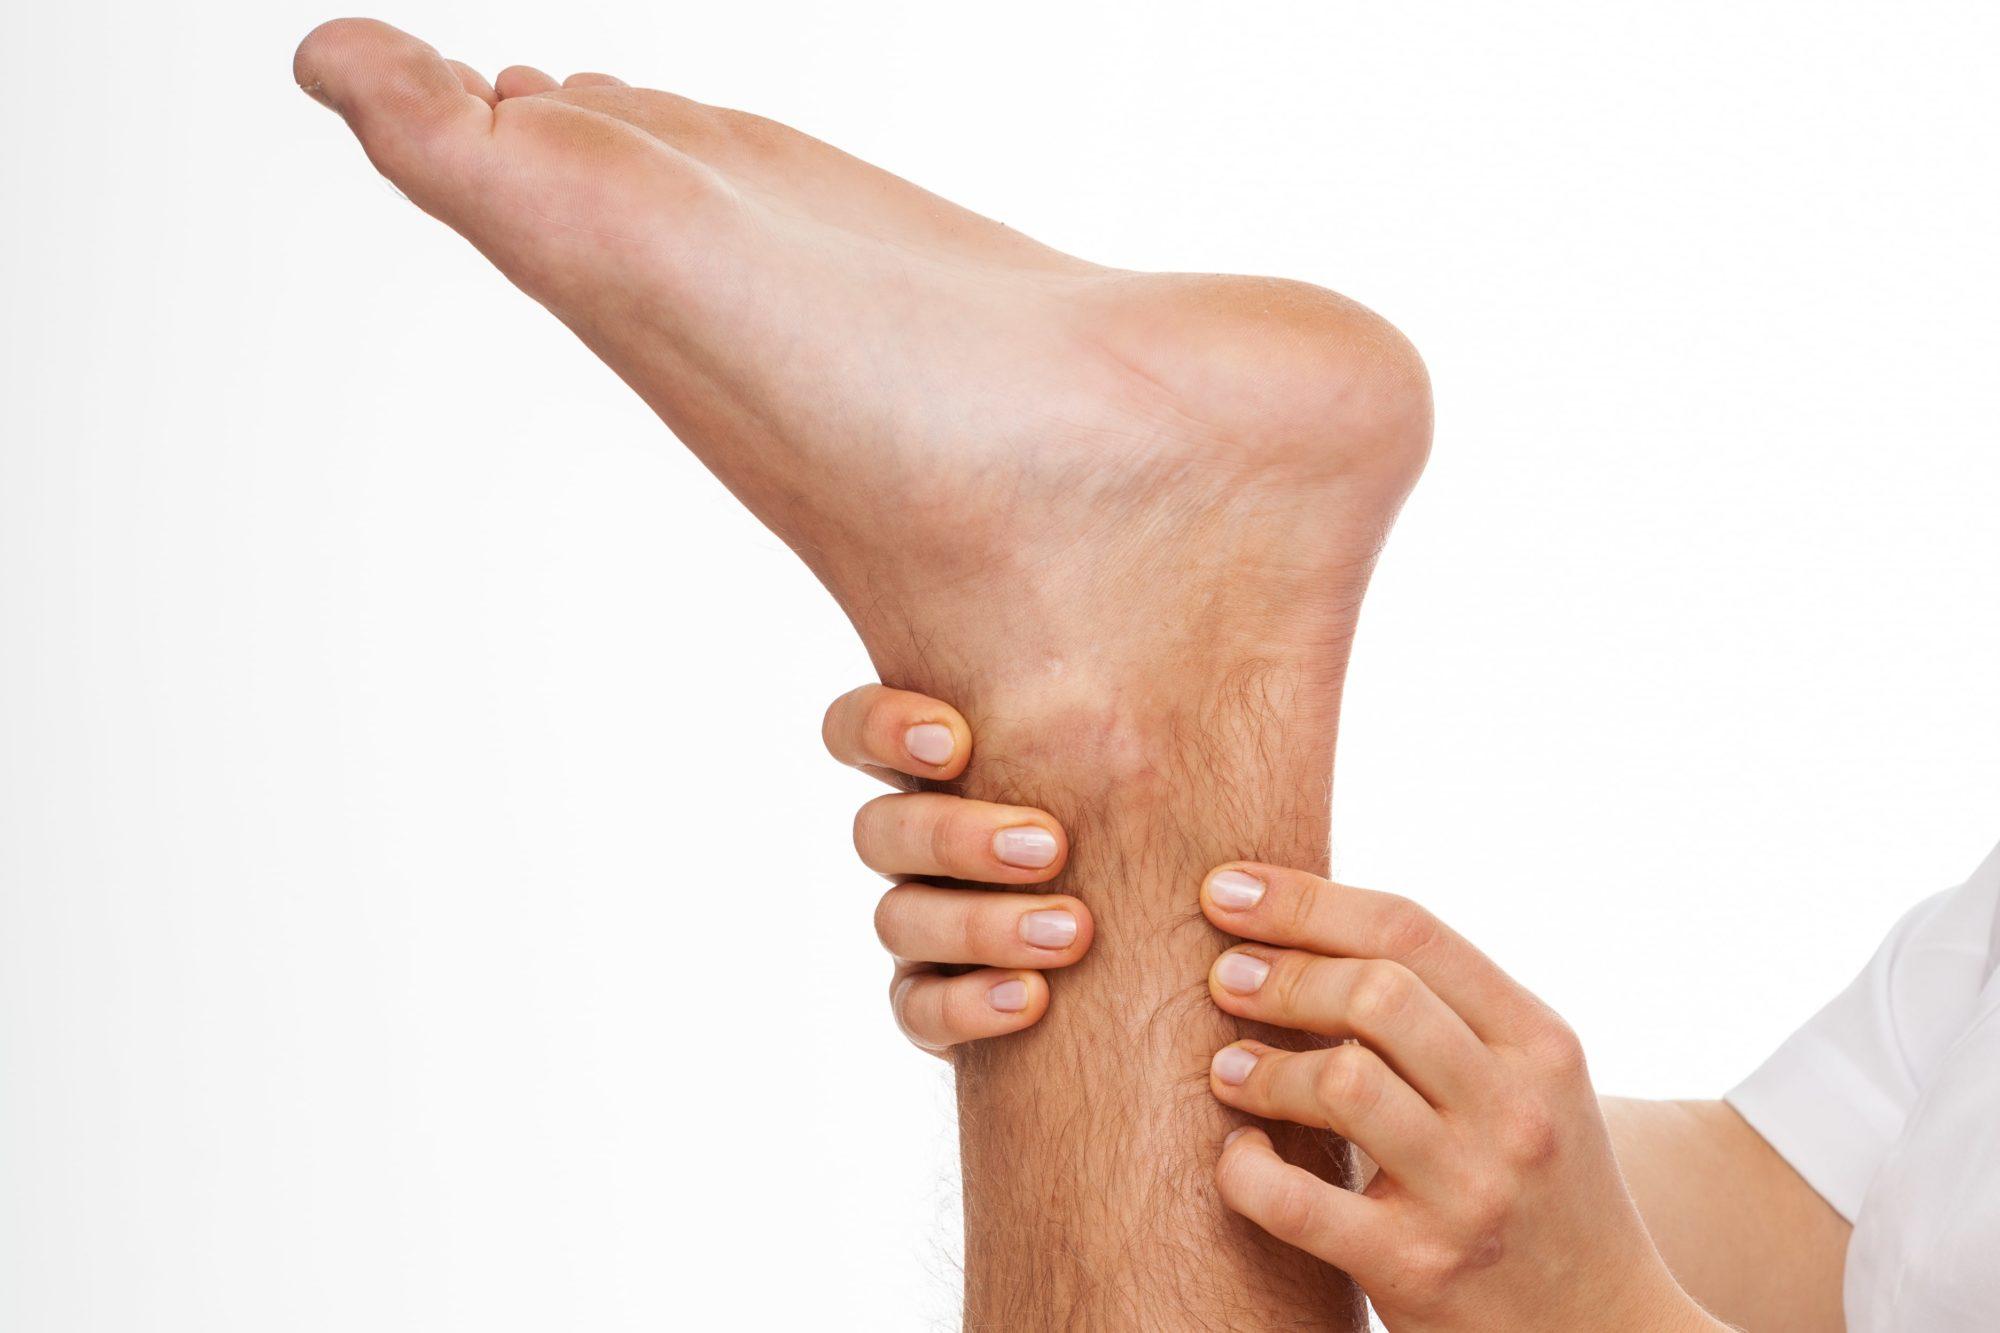 achillespees pijn en achillespees klachten laten behandelen bij sport medisch centrum papendal